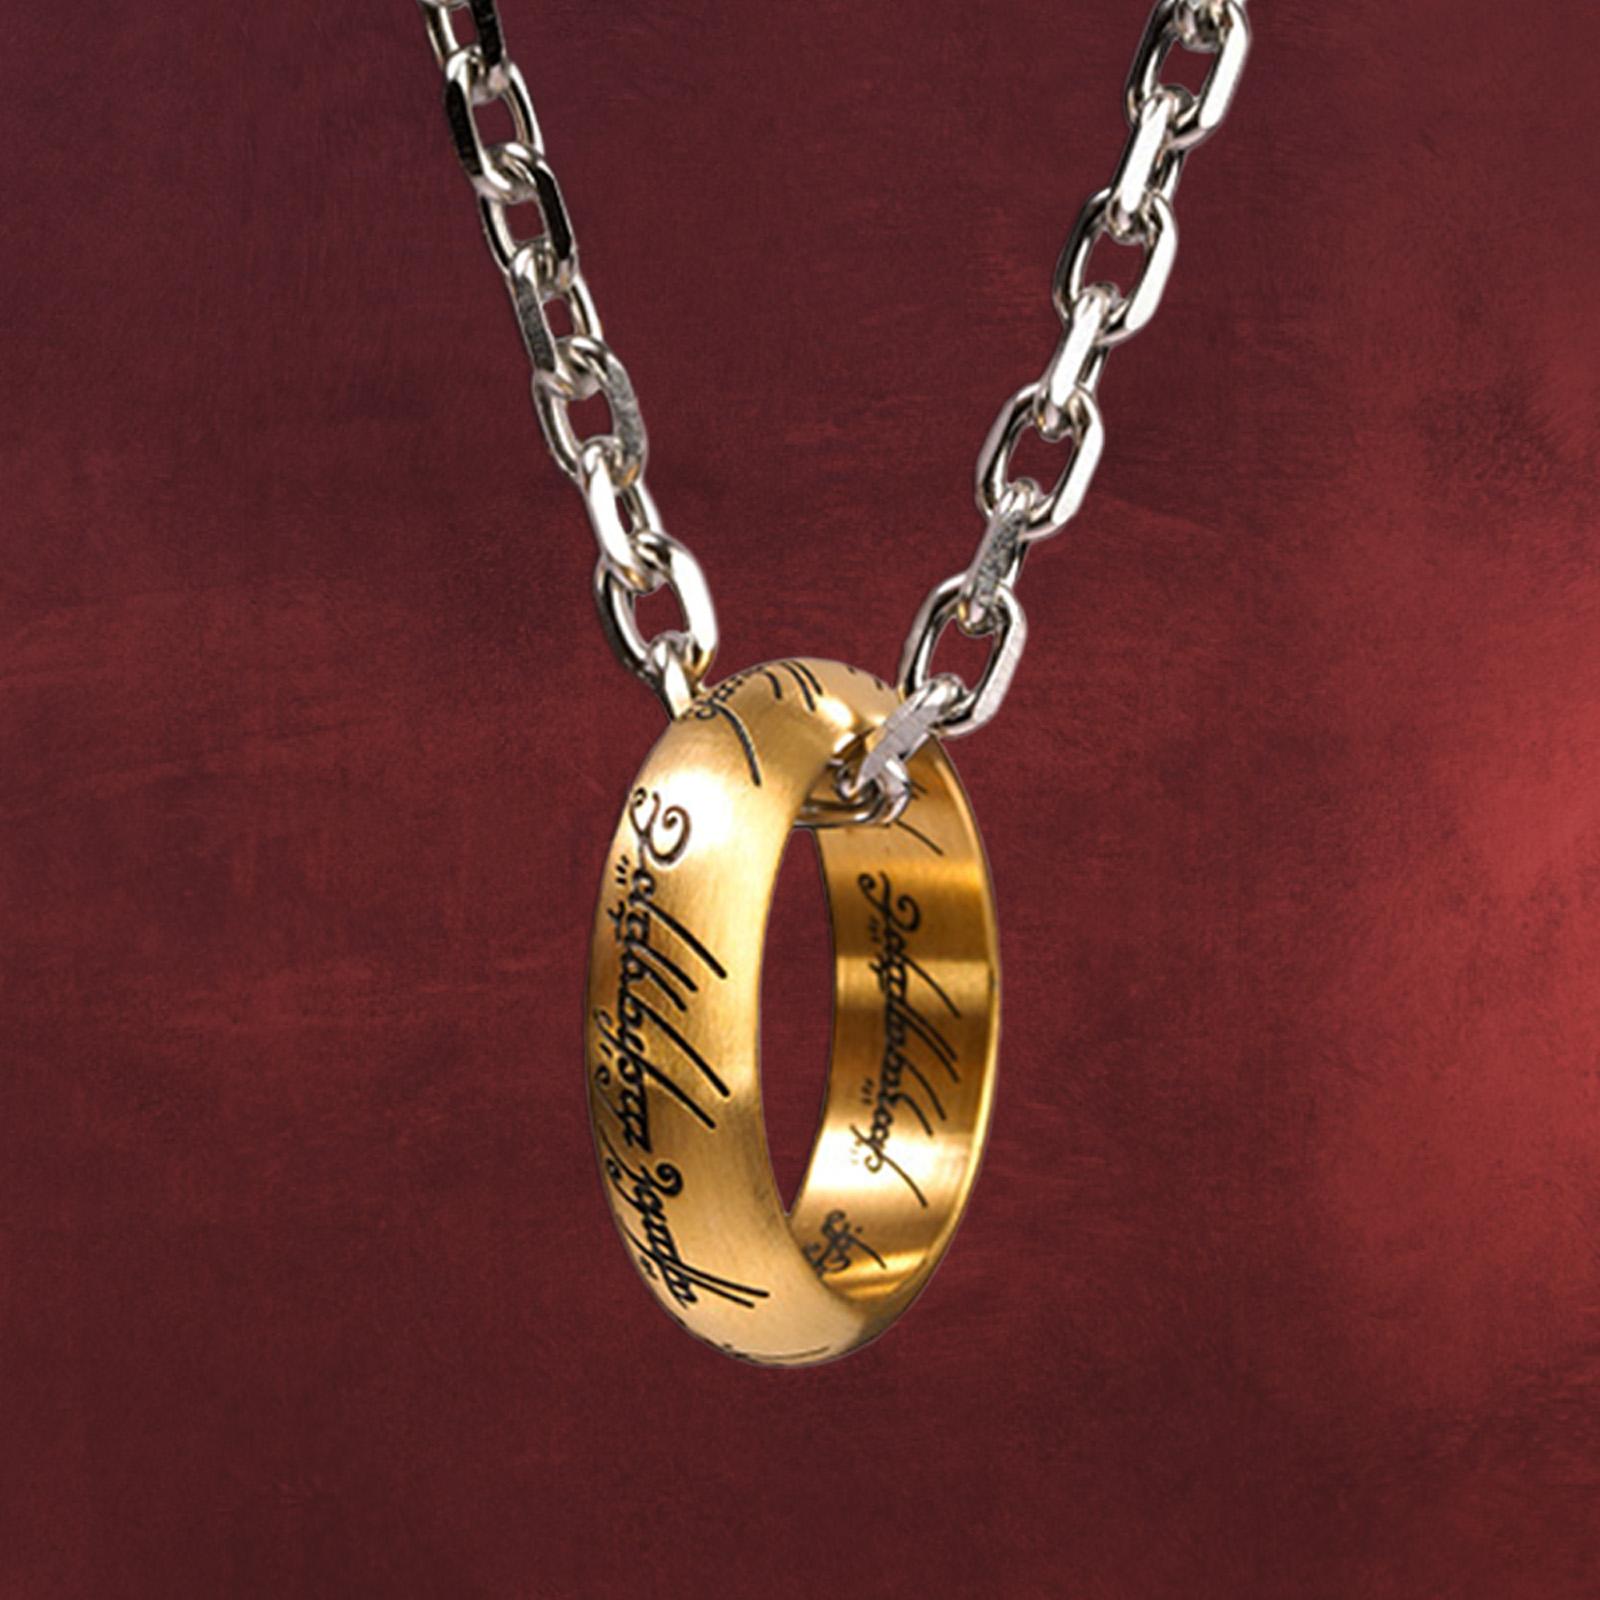 herr der ringe der eine ring an kette edelstahl elbenwald. Black Bedroom Furniture Sets. Home Design Ideas